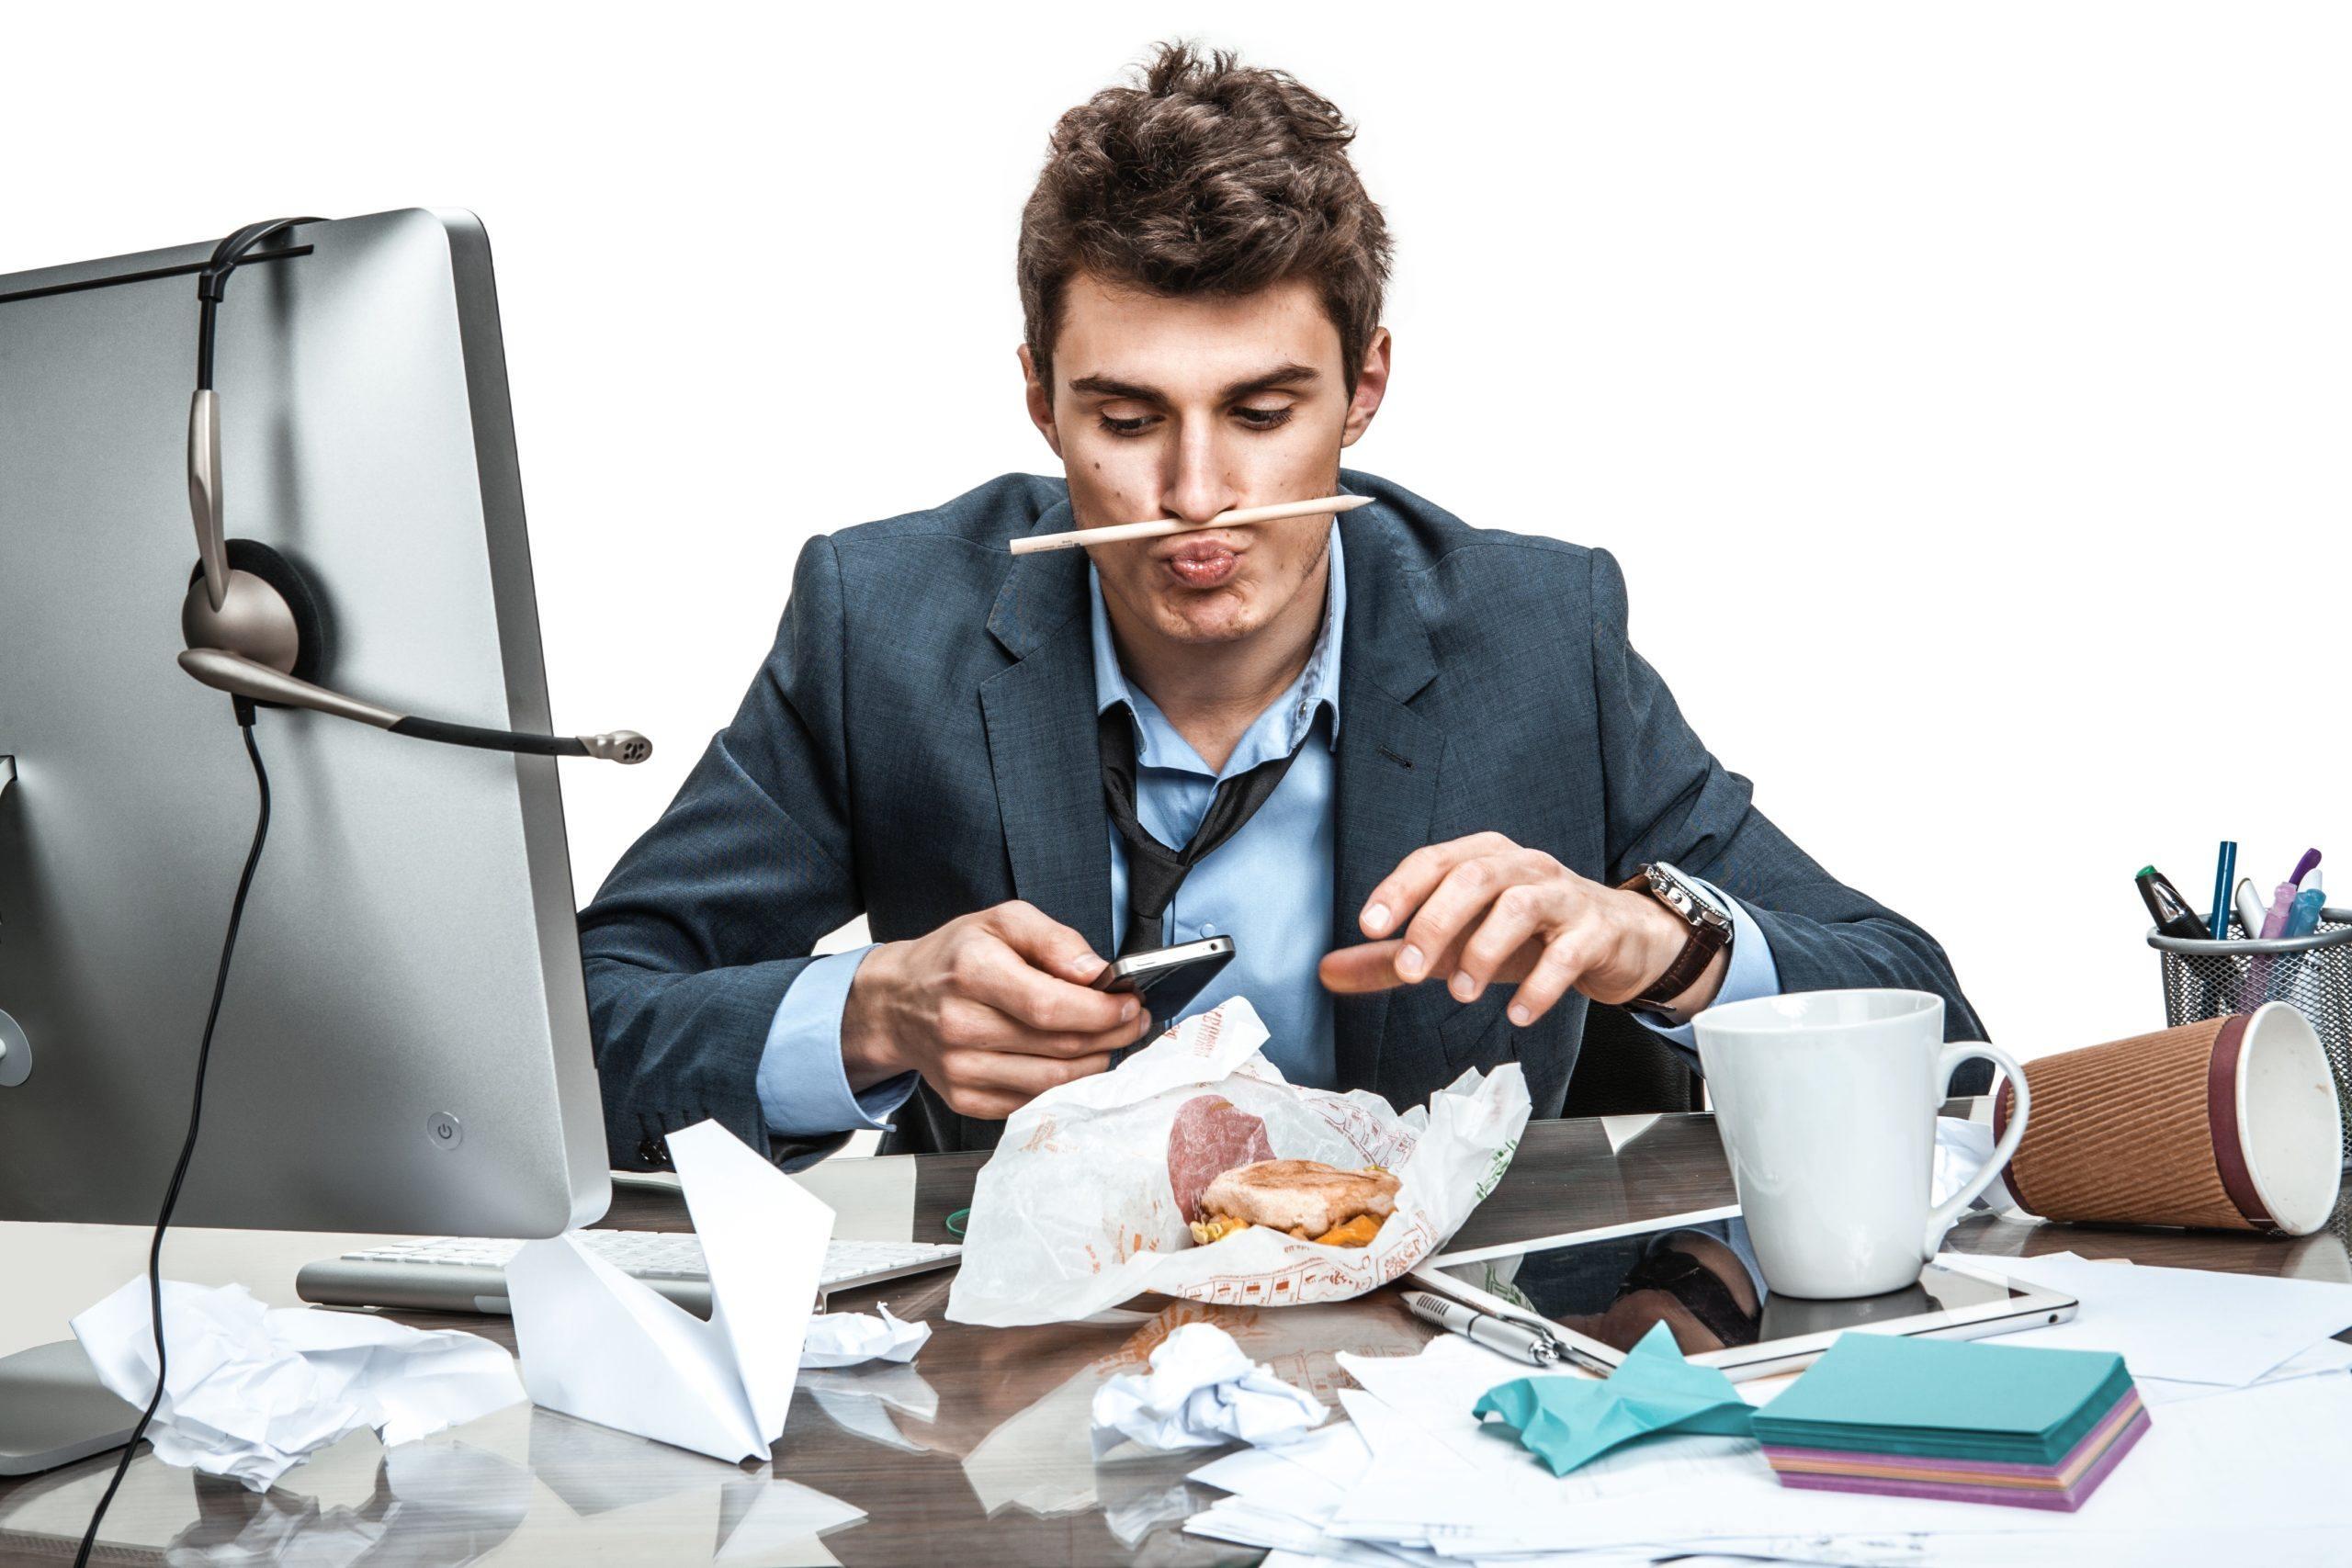 Новороссийцы, а вы согласны работать четыре дня в неделю?